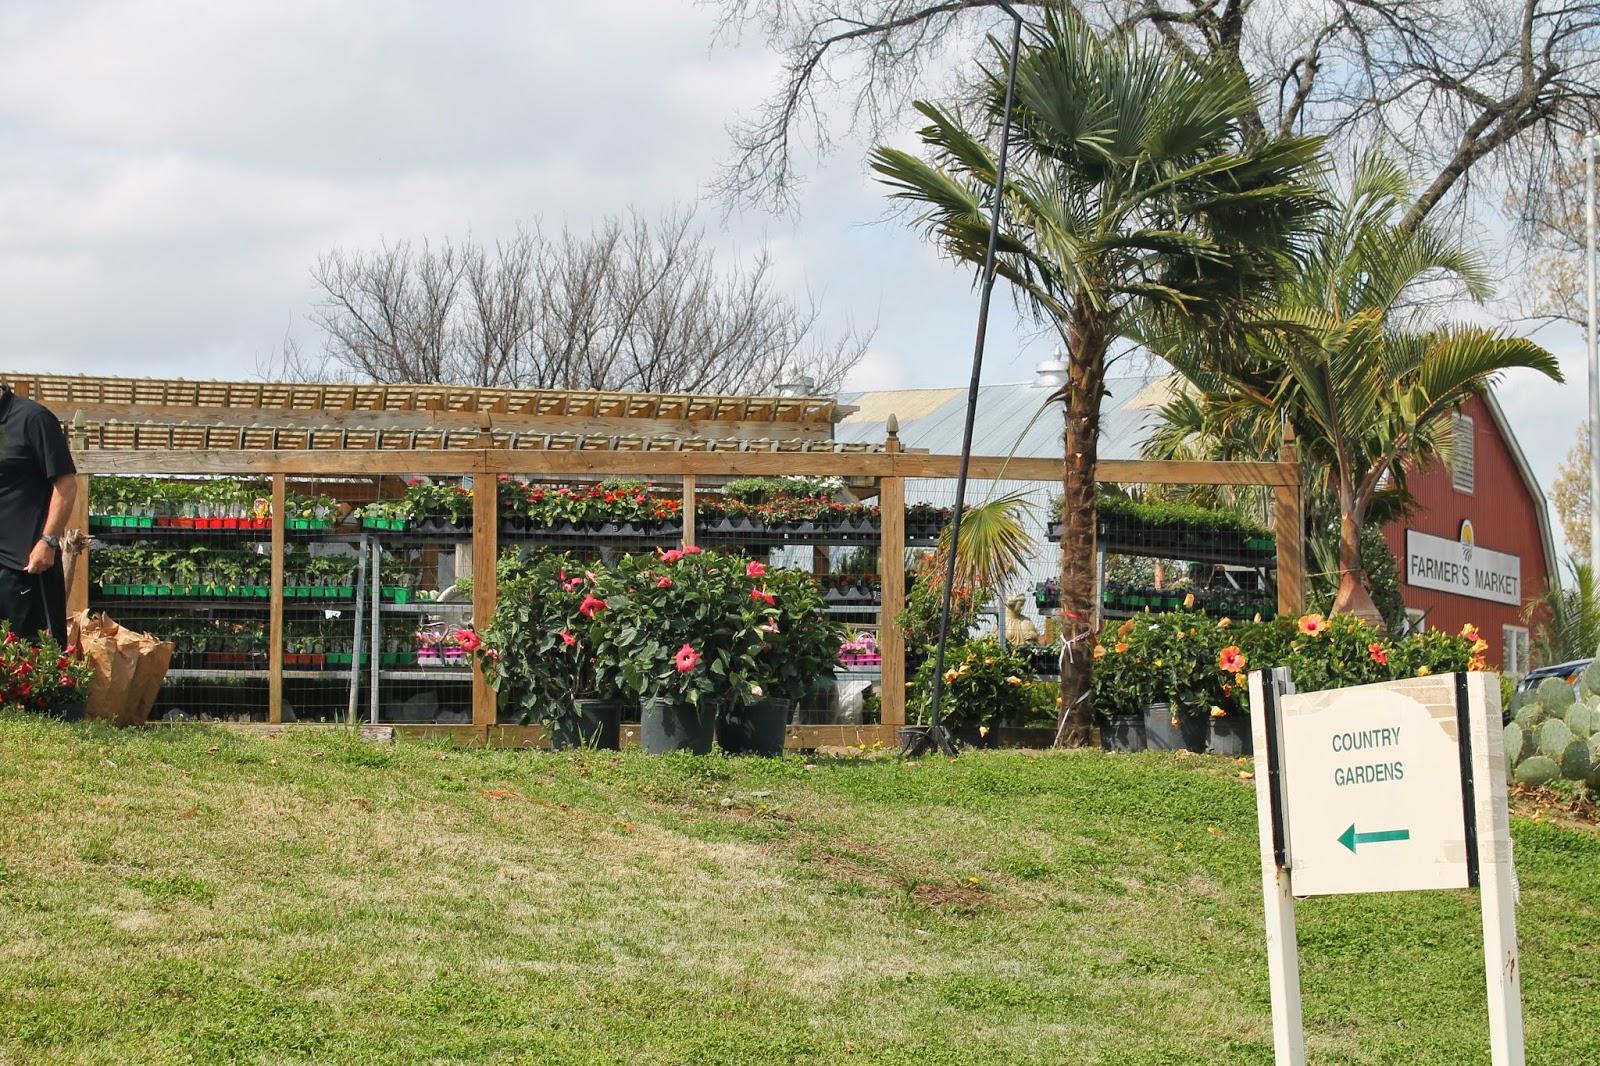 Country gardens agricenter memphis garden design ideas for Memphis craigslist farm and garden